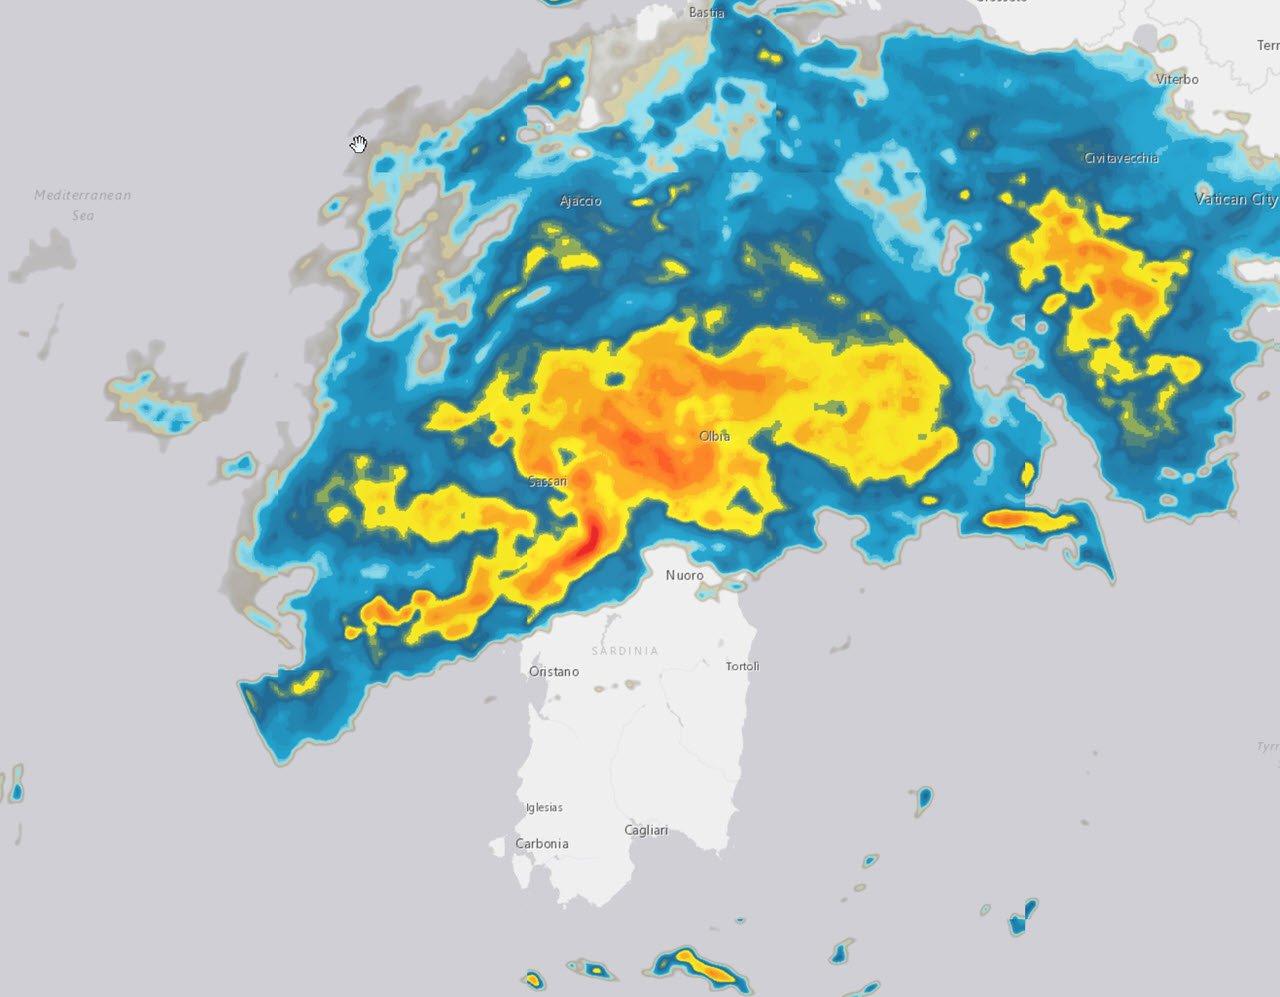 Radar meteo sulla Sardegna che mostra il maltempo che attualmente è nel nord regione.